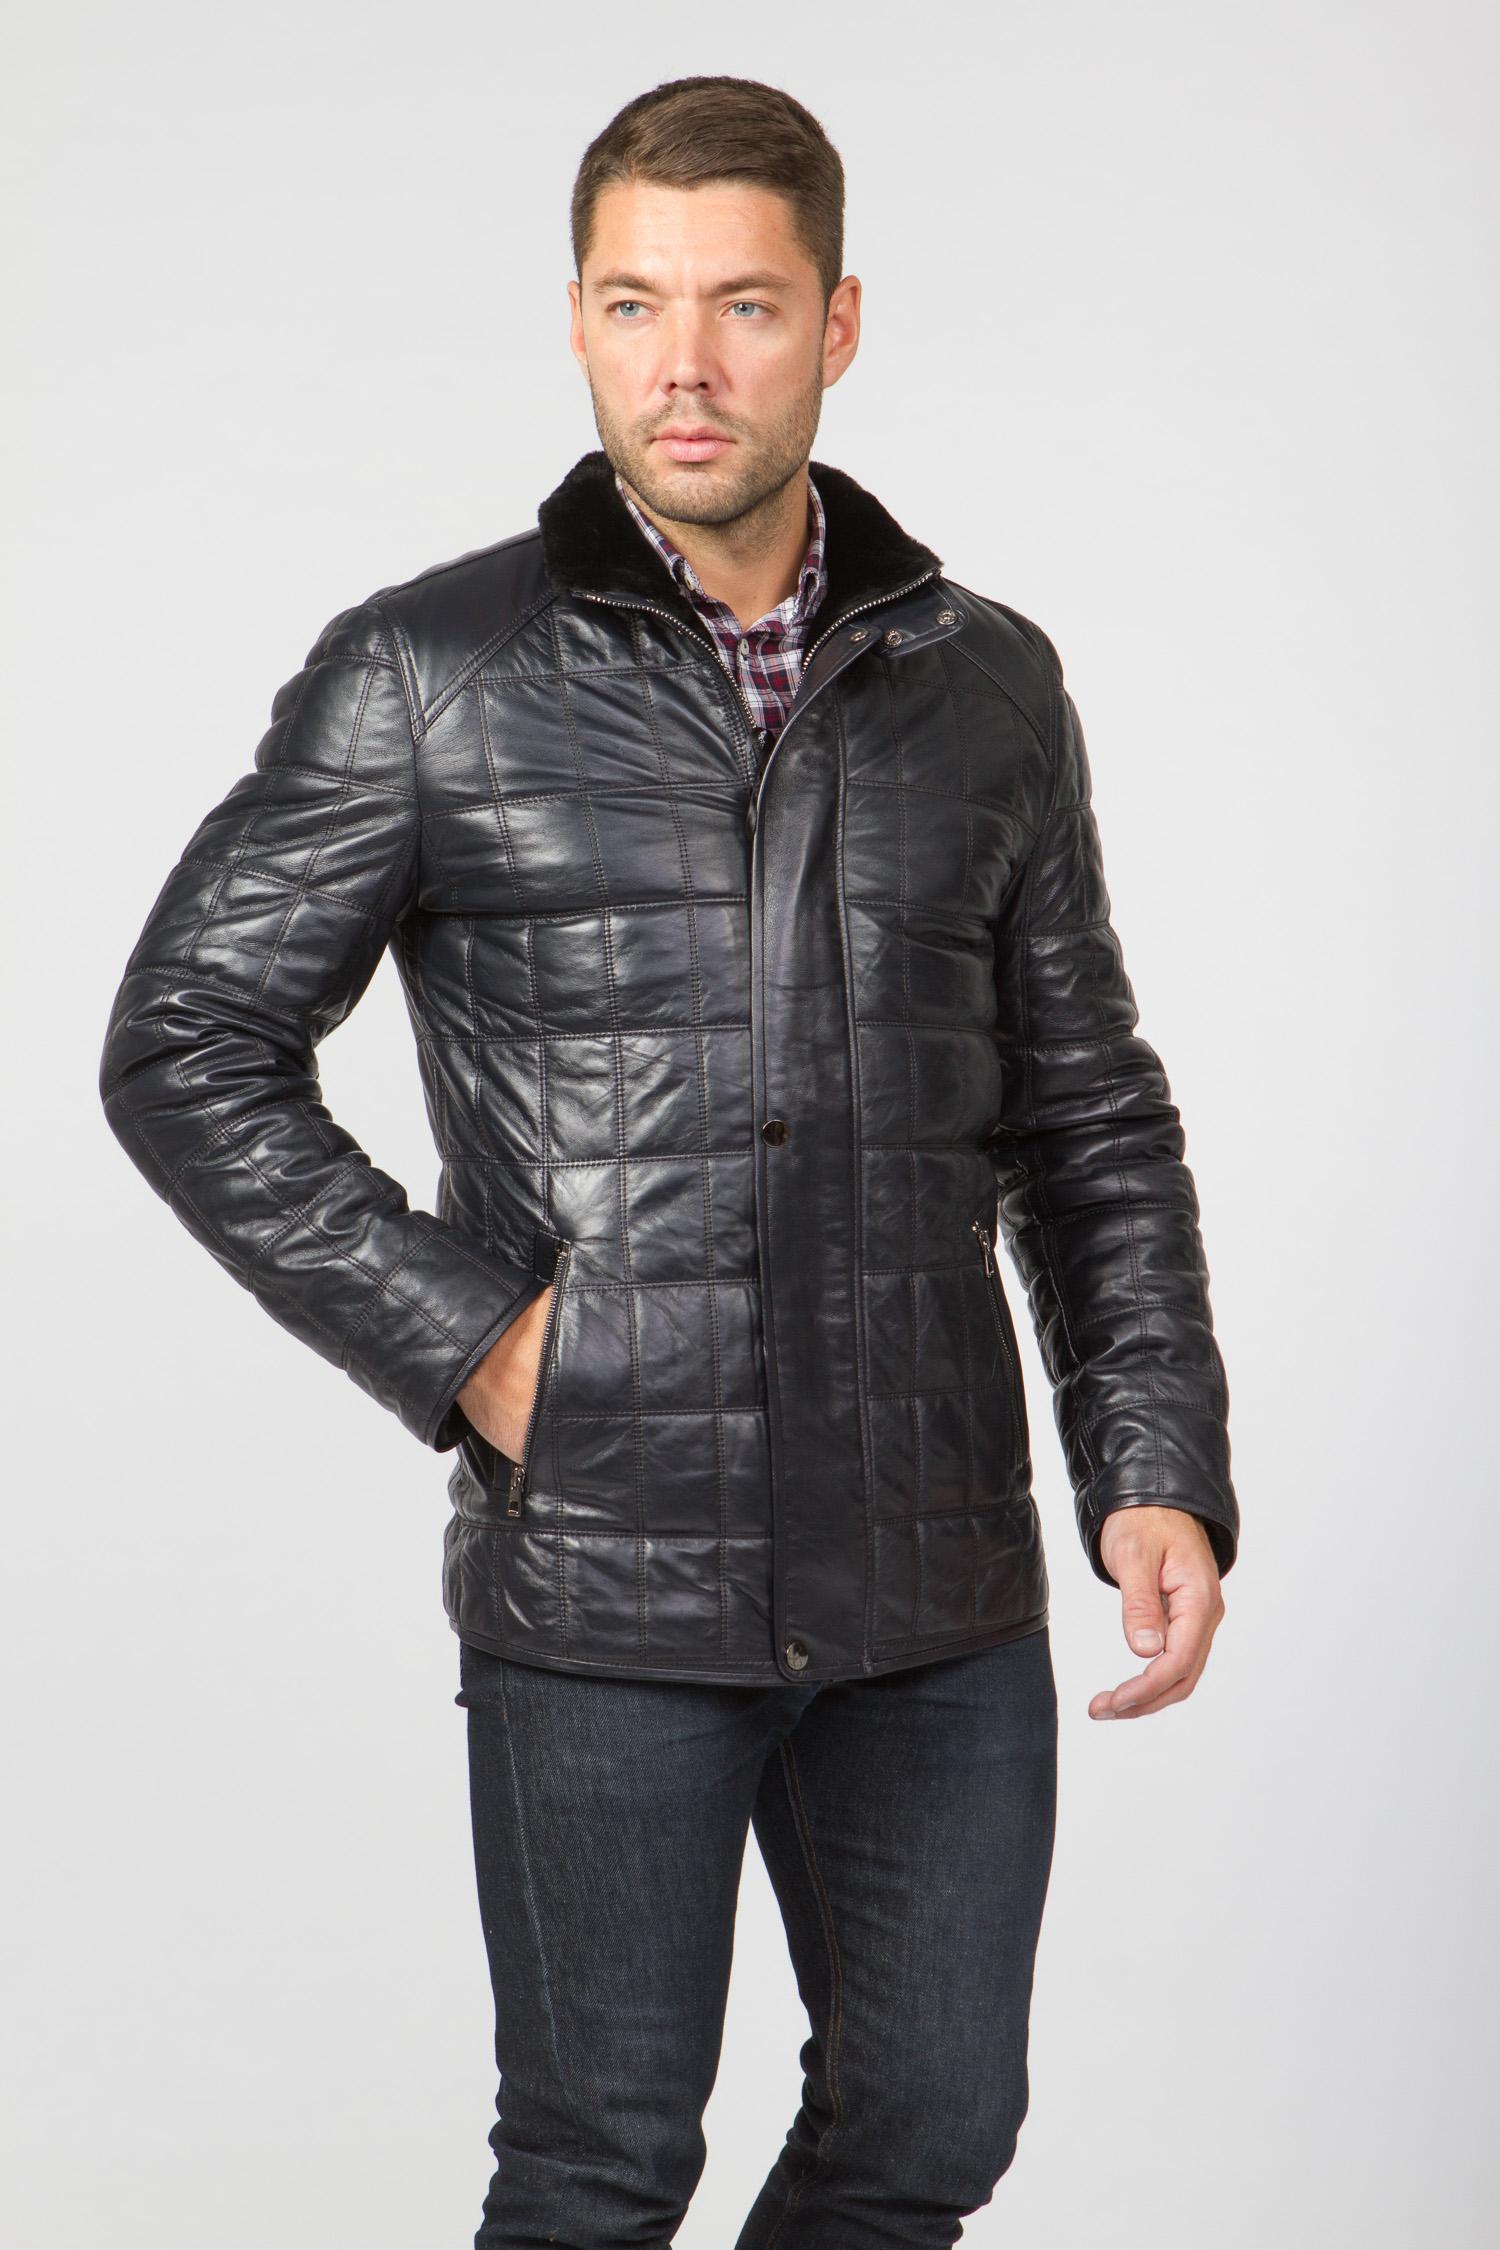 Мужская кожаная куртка из натуральной овчины на меху с воротником